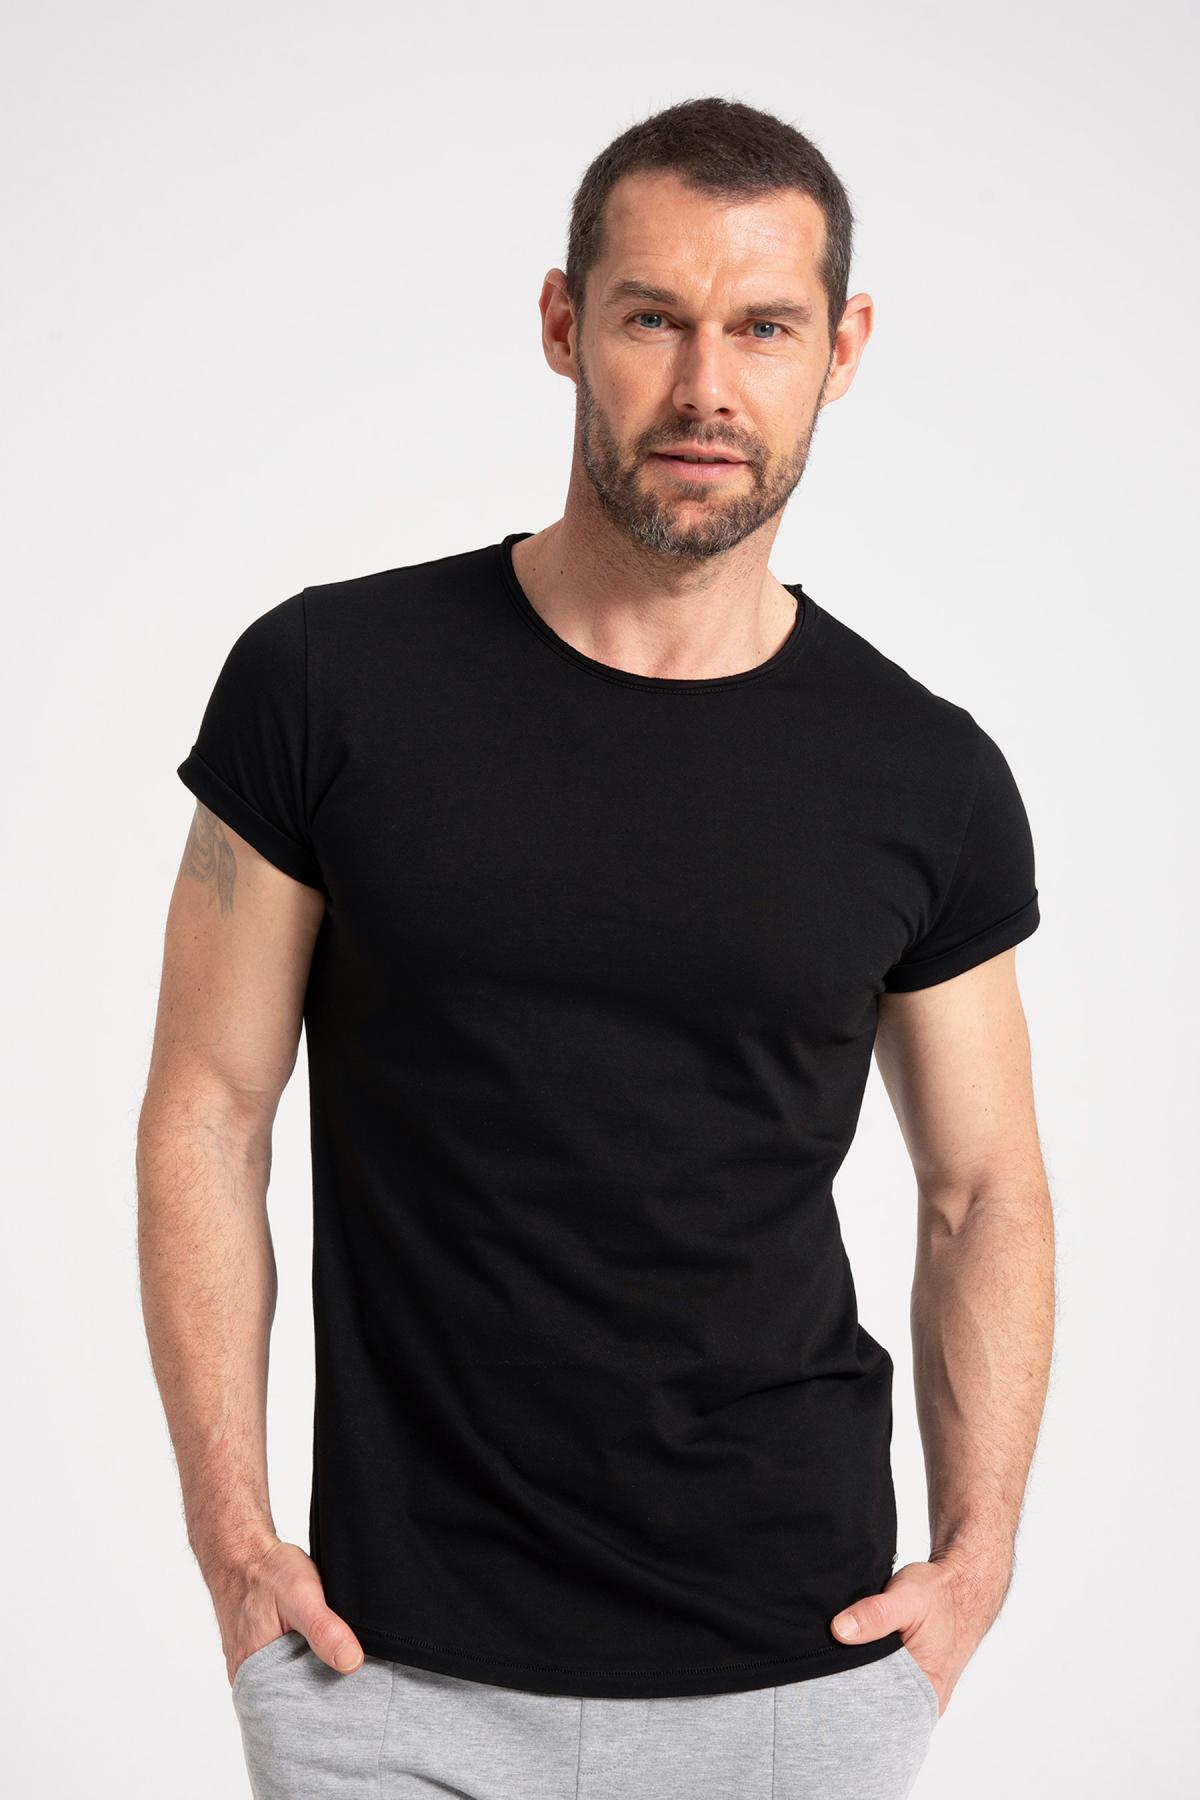 Round Neck T-Shirt 100% Cotton newces-5001-B